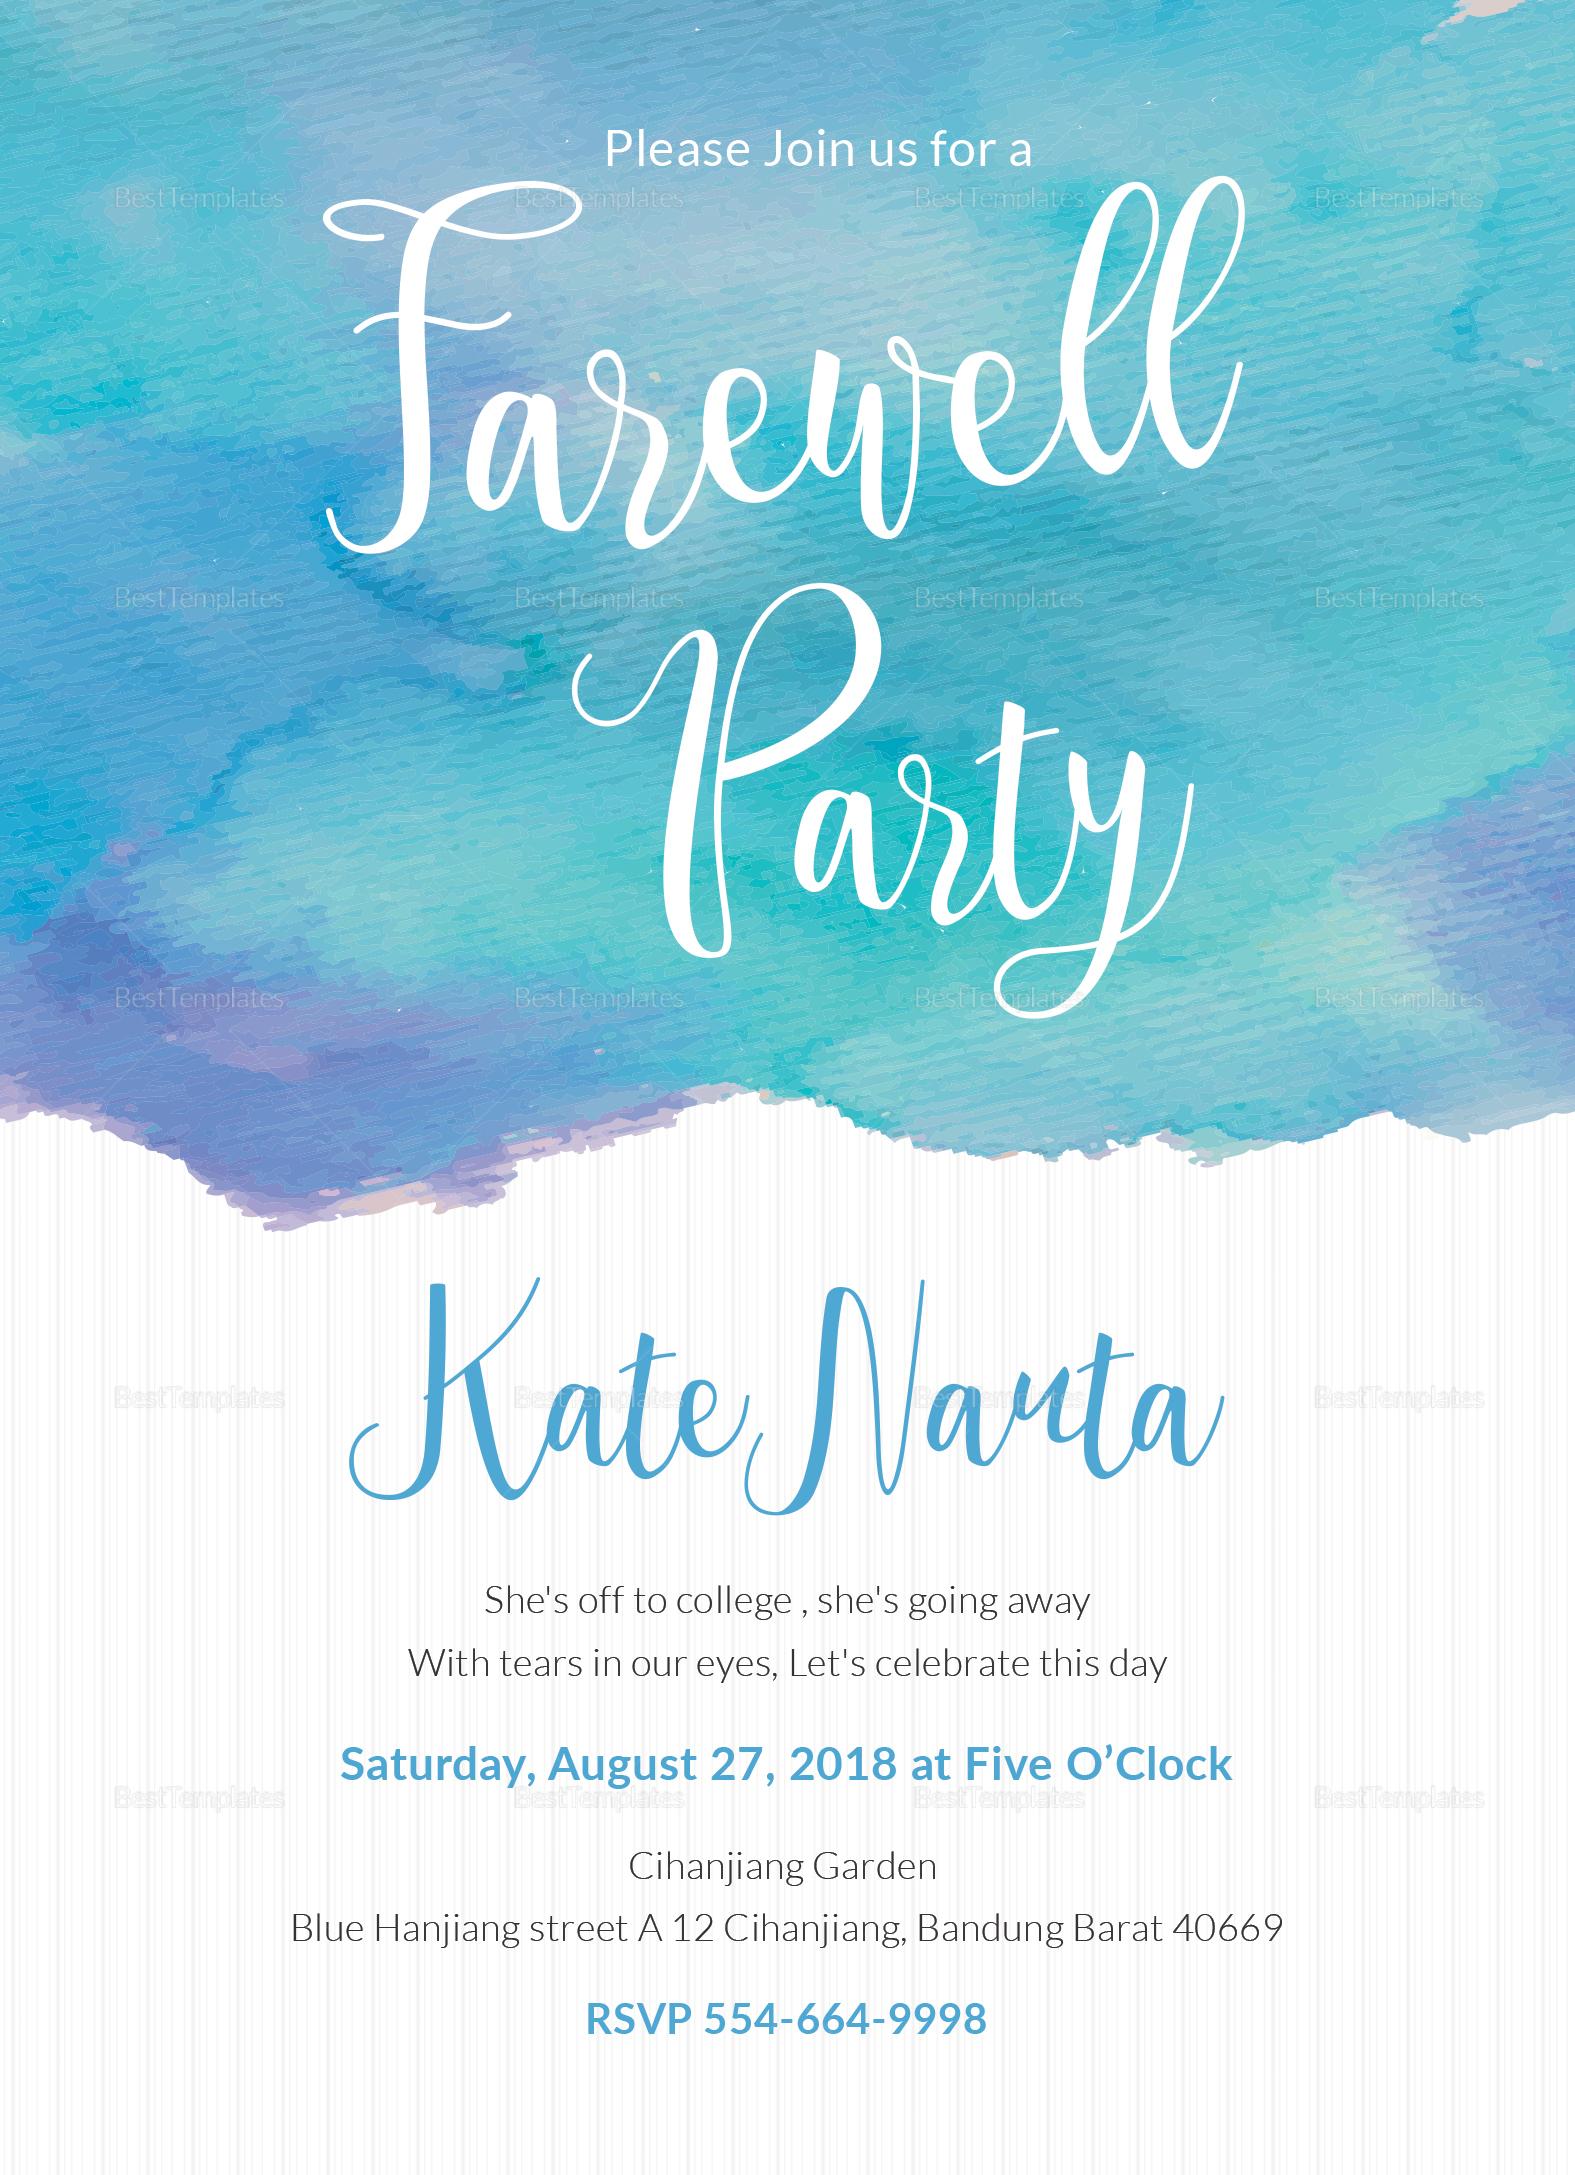 Watercolor Farewell Party Invitation Design